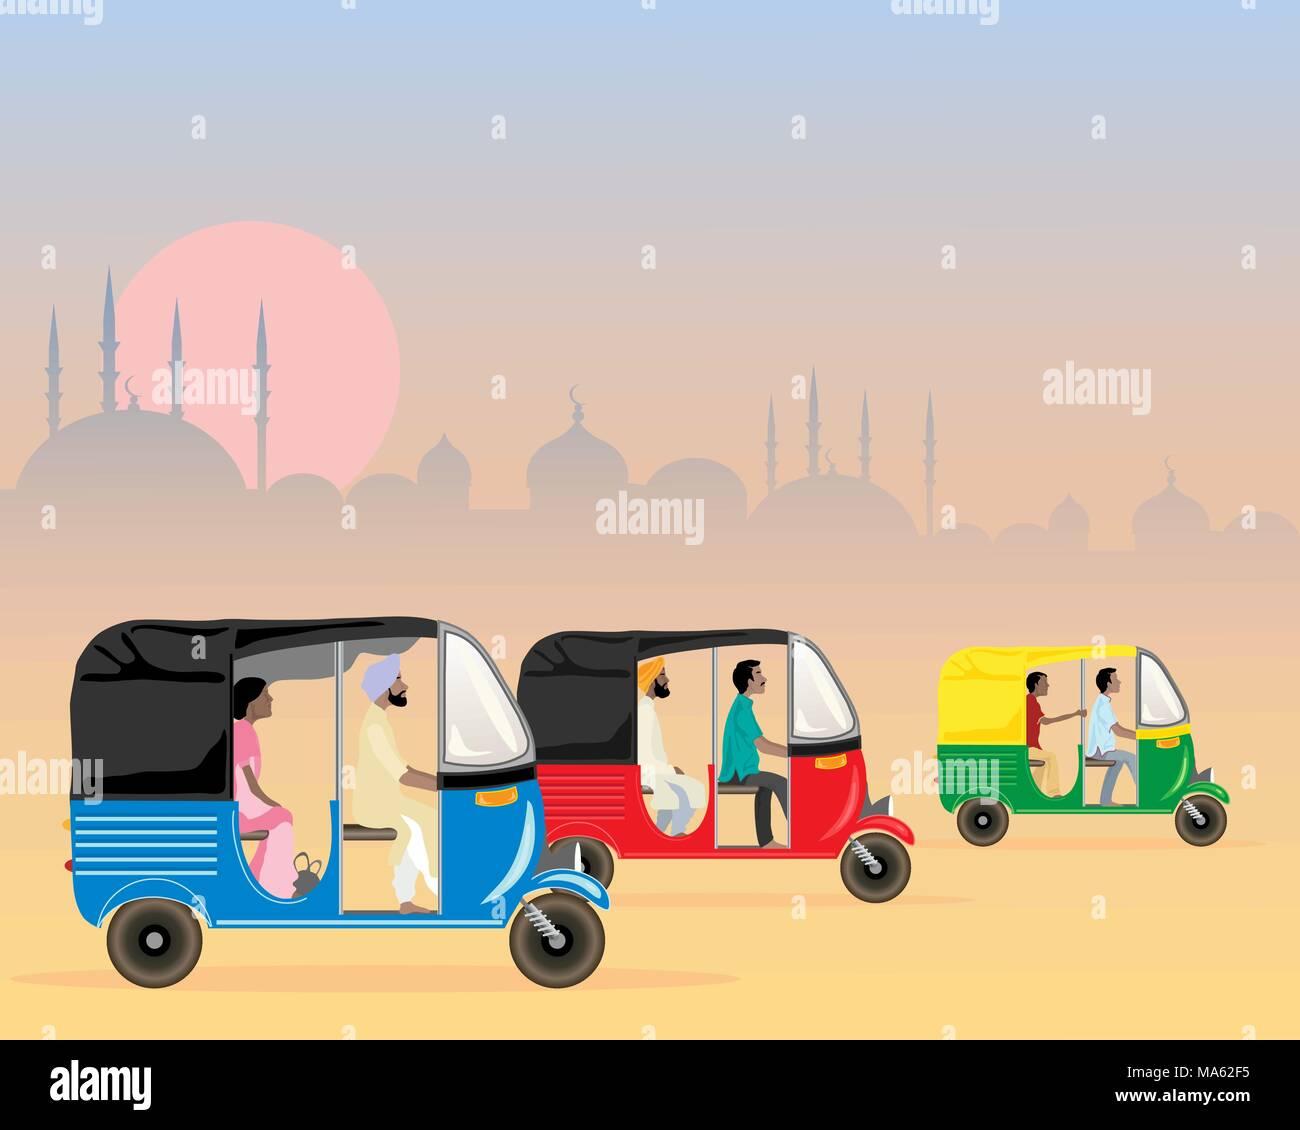 Una illustrazione vettoriale in formato eps formato 10 di tre asiatici colorati tuk tuks racing lungo in un polveroso assetto urbano di sera al tramonto Immagini Stock